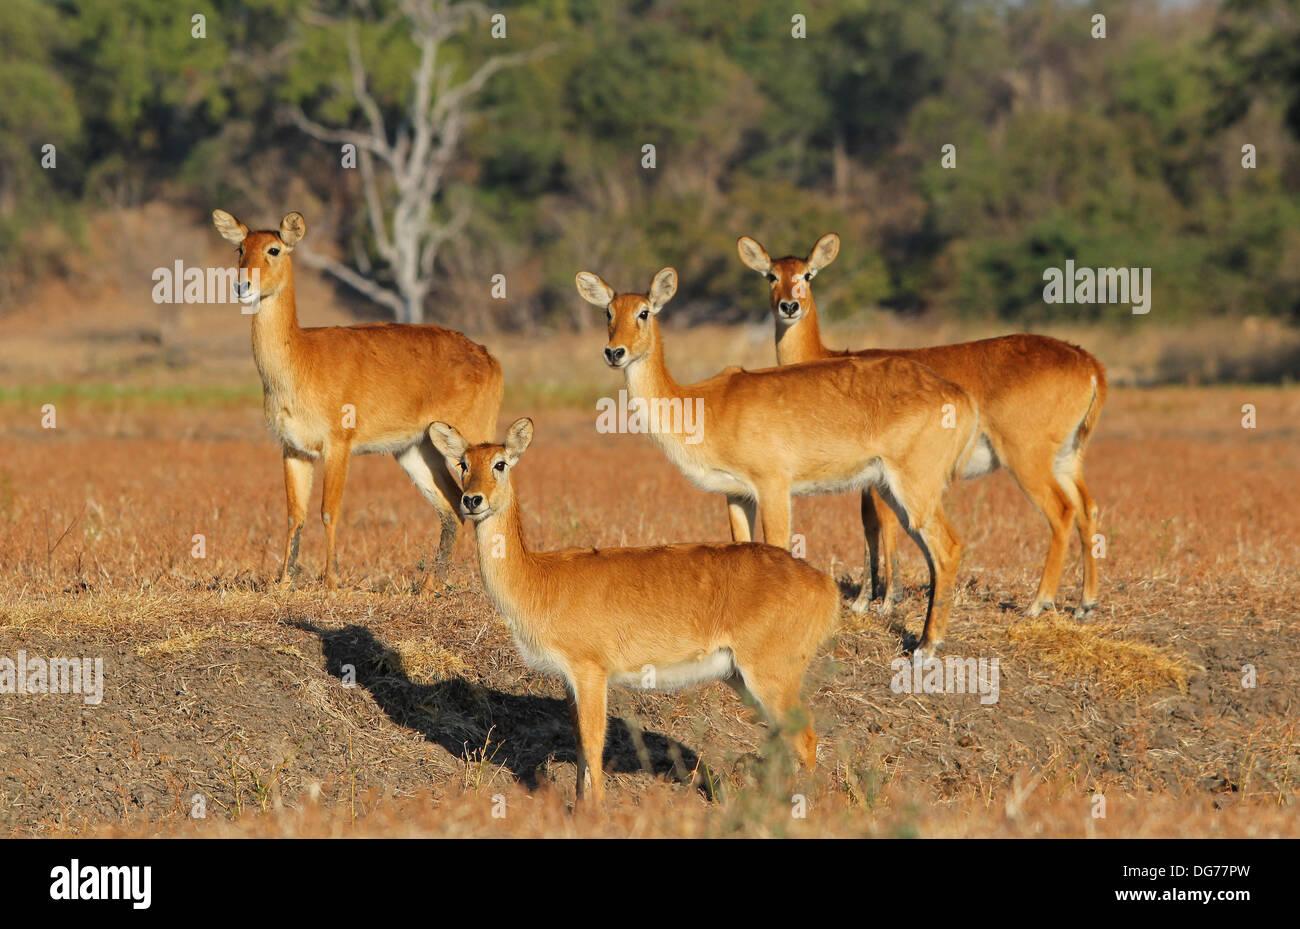 Puku Gazelle Zambia - Stock Image